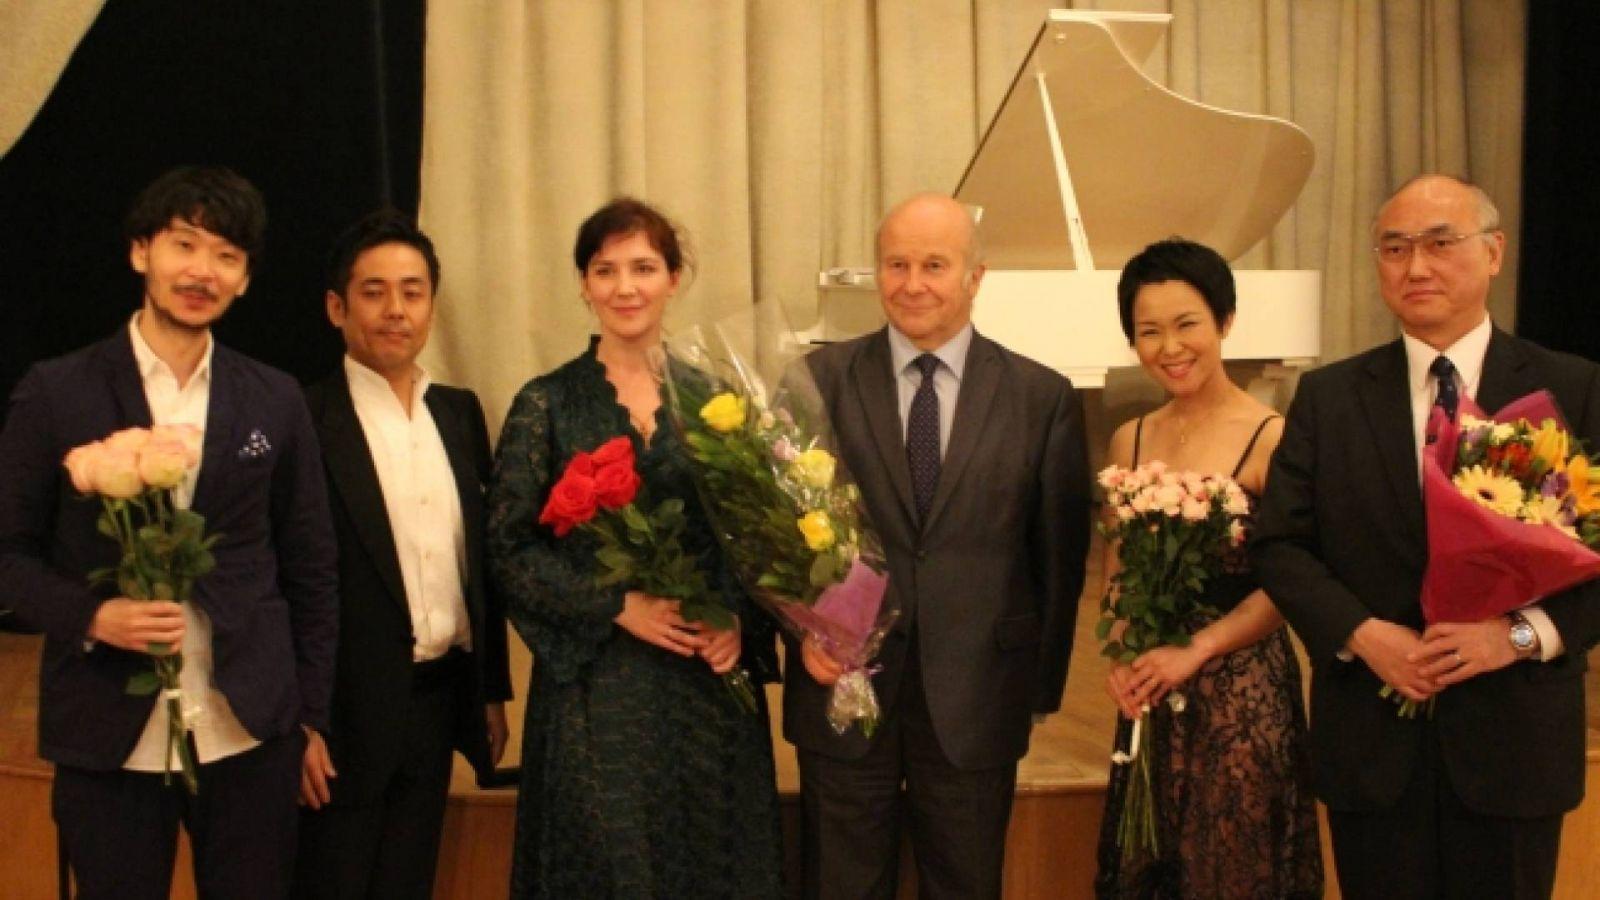 «Вечер стихов и арий о любви» в Санкт-Петербурге © Генеральное консульство Японии в Санкт-Петербурге